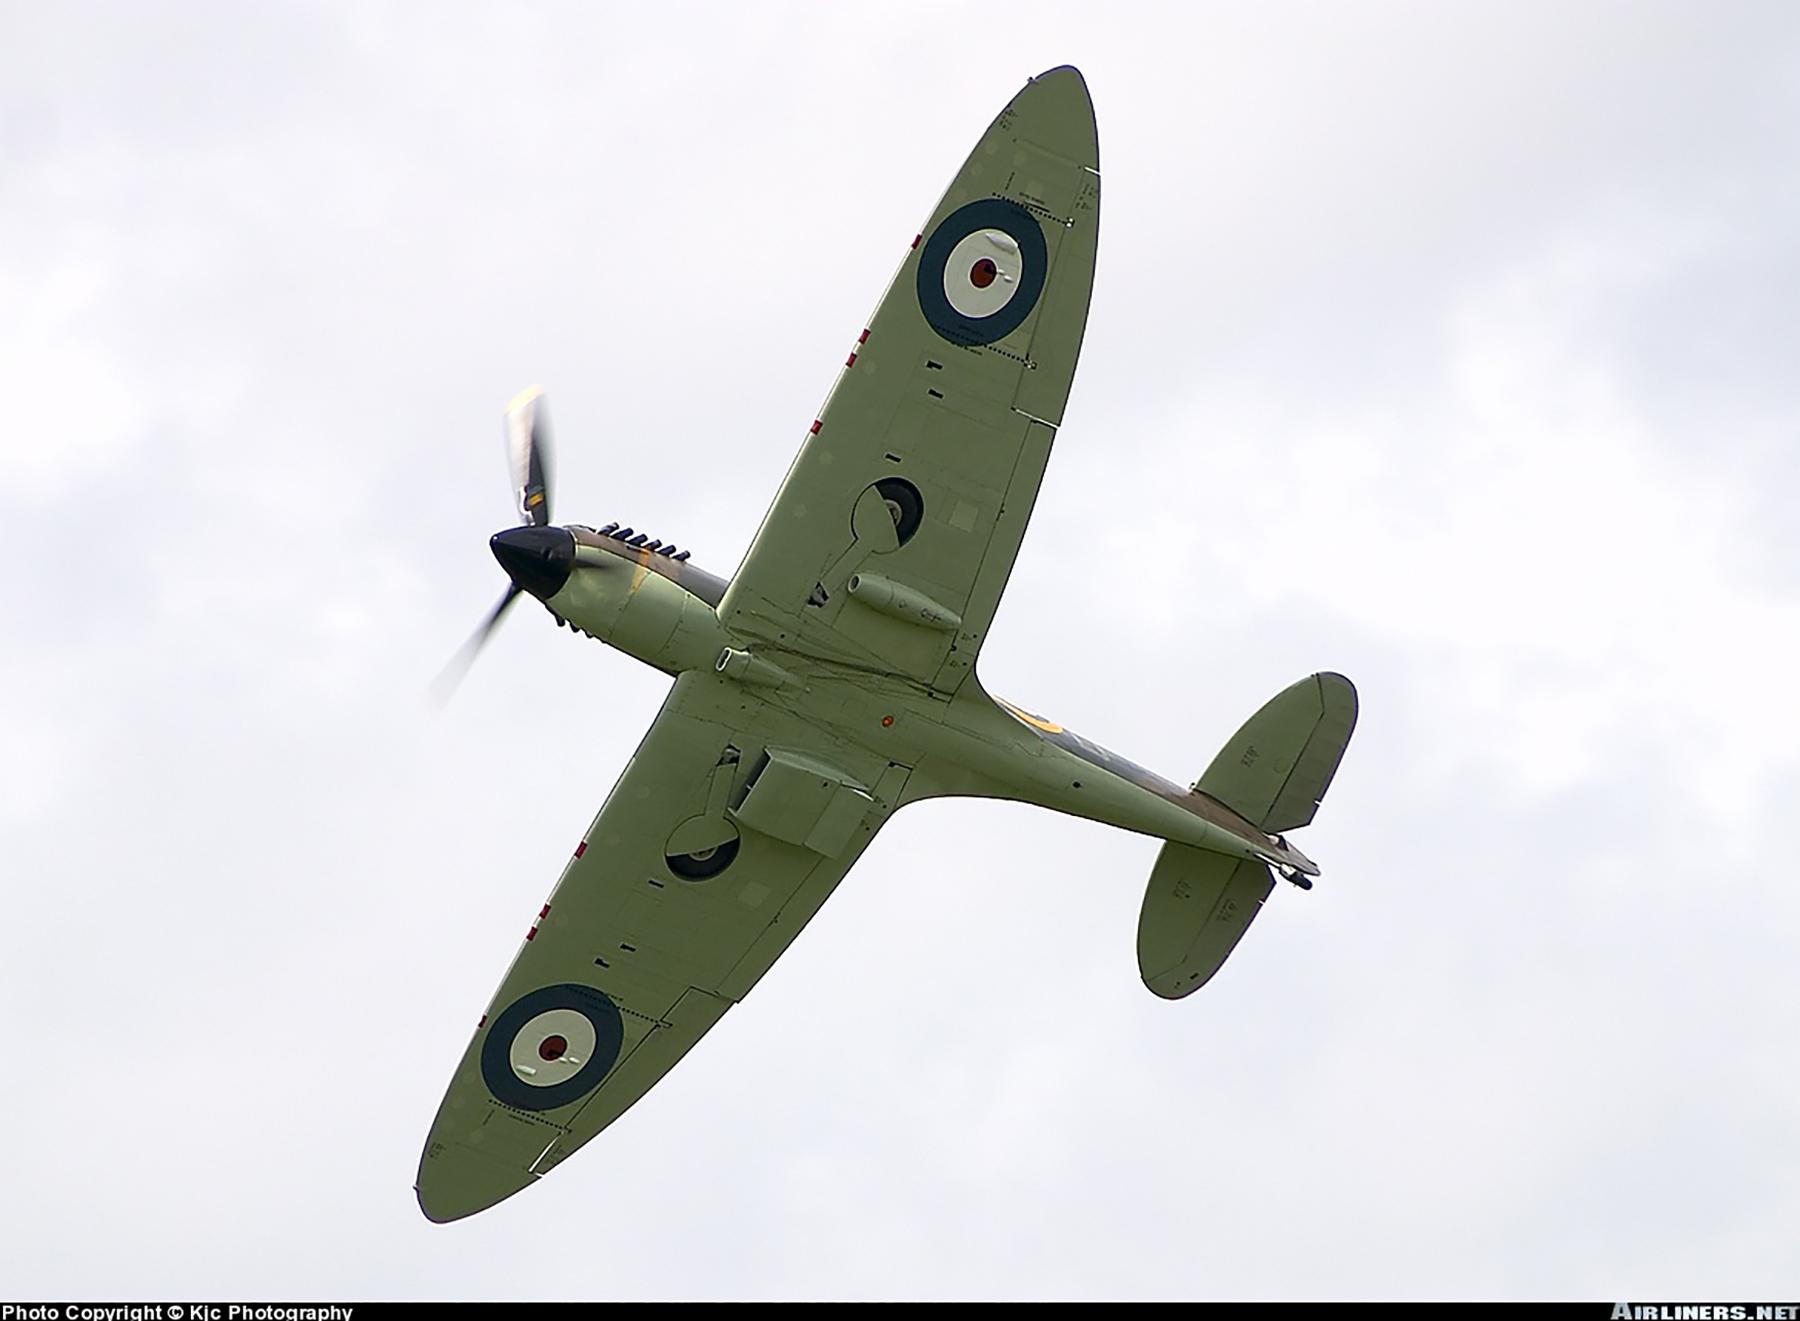 Airworthy Spitfire warbird RAF 603Sqn XTD P7350 03